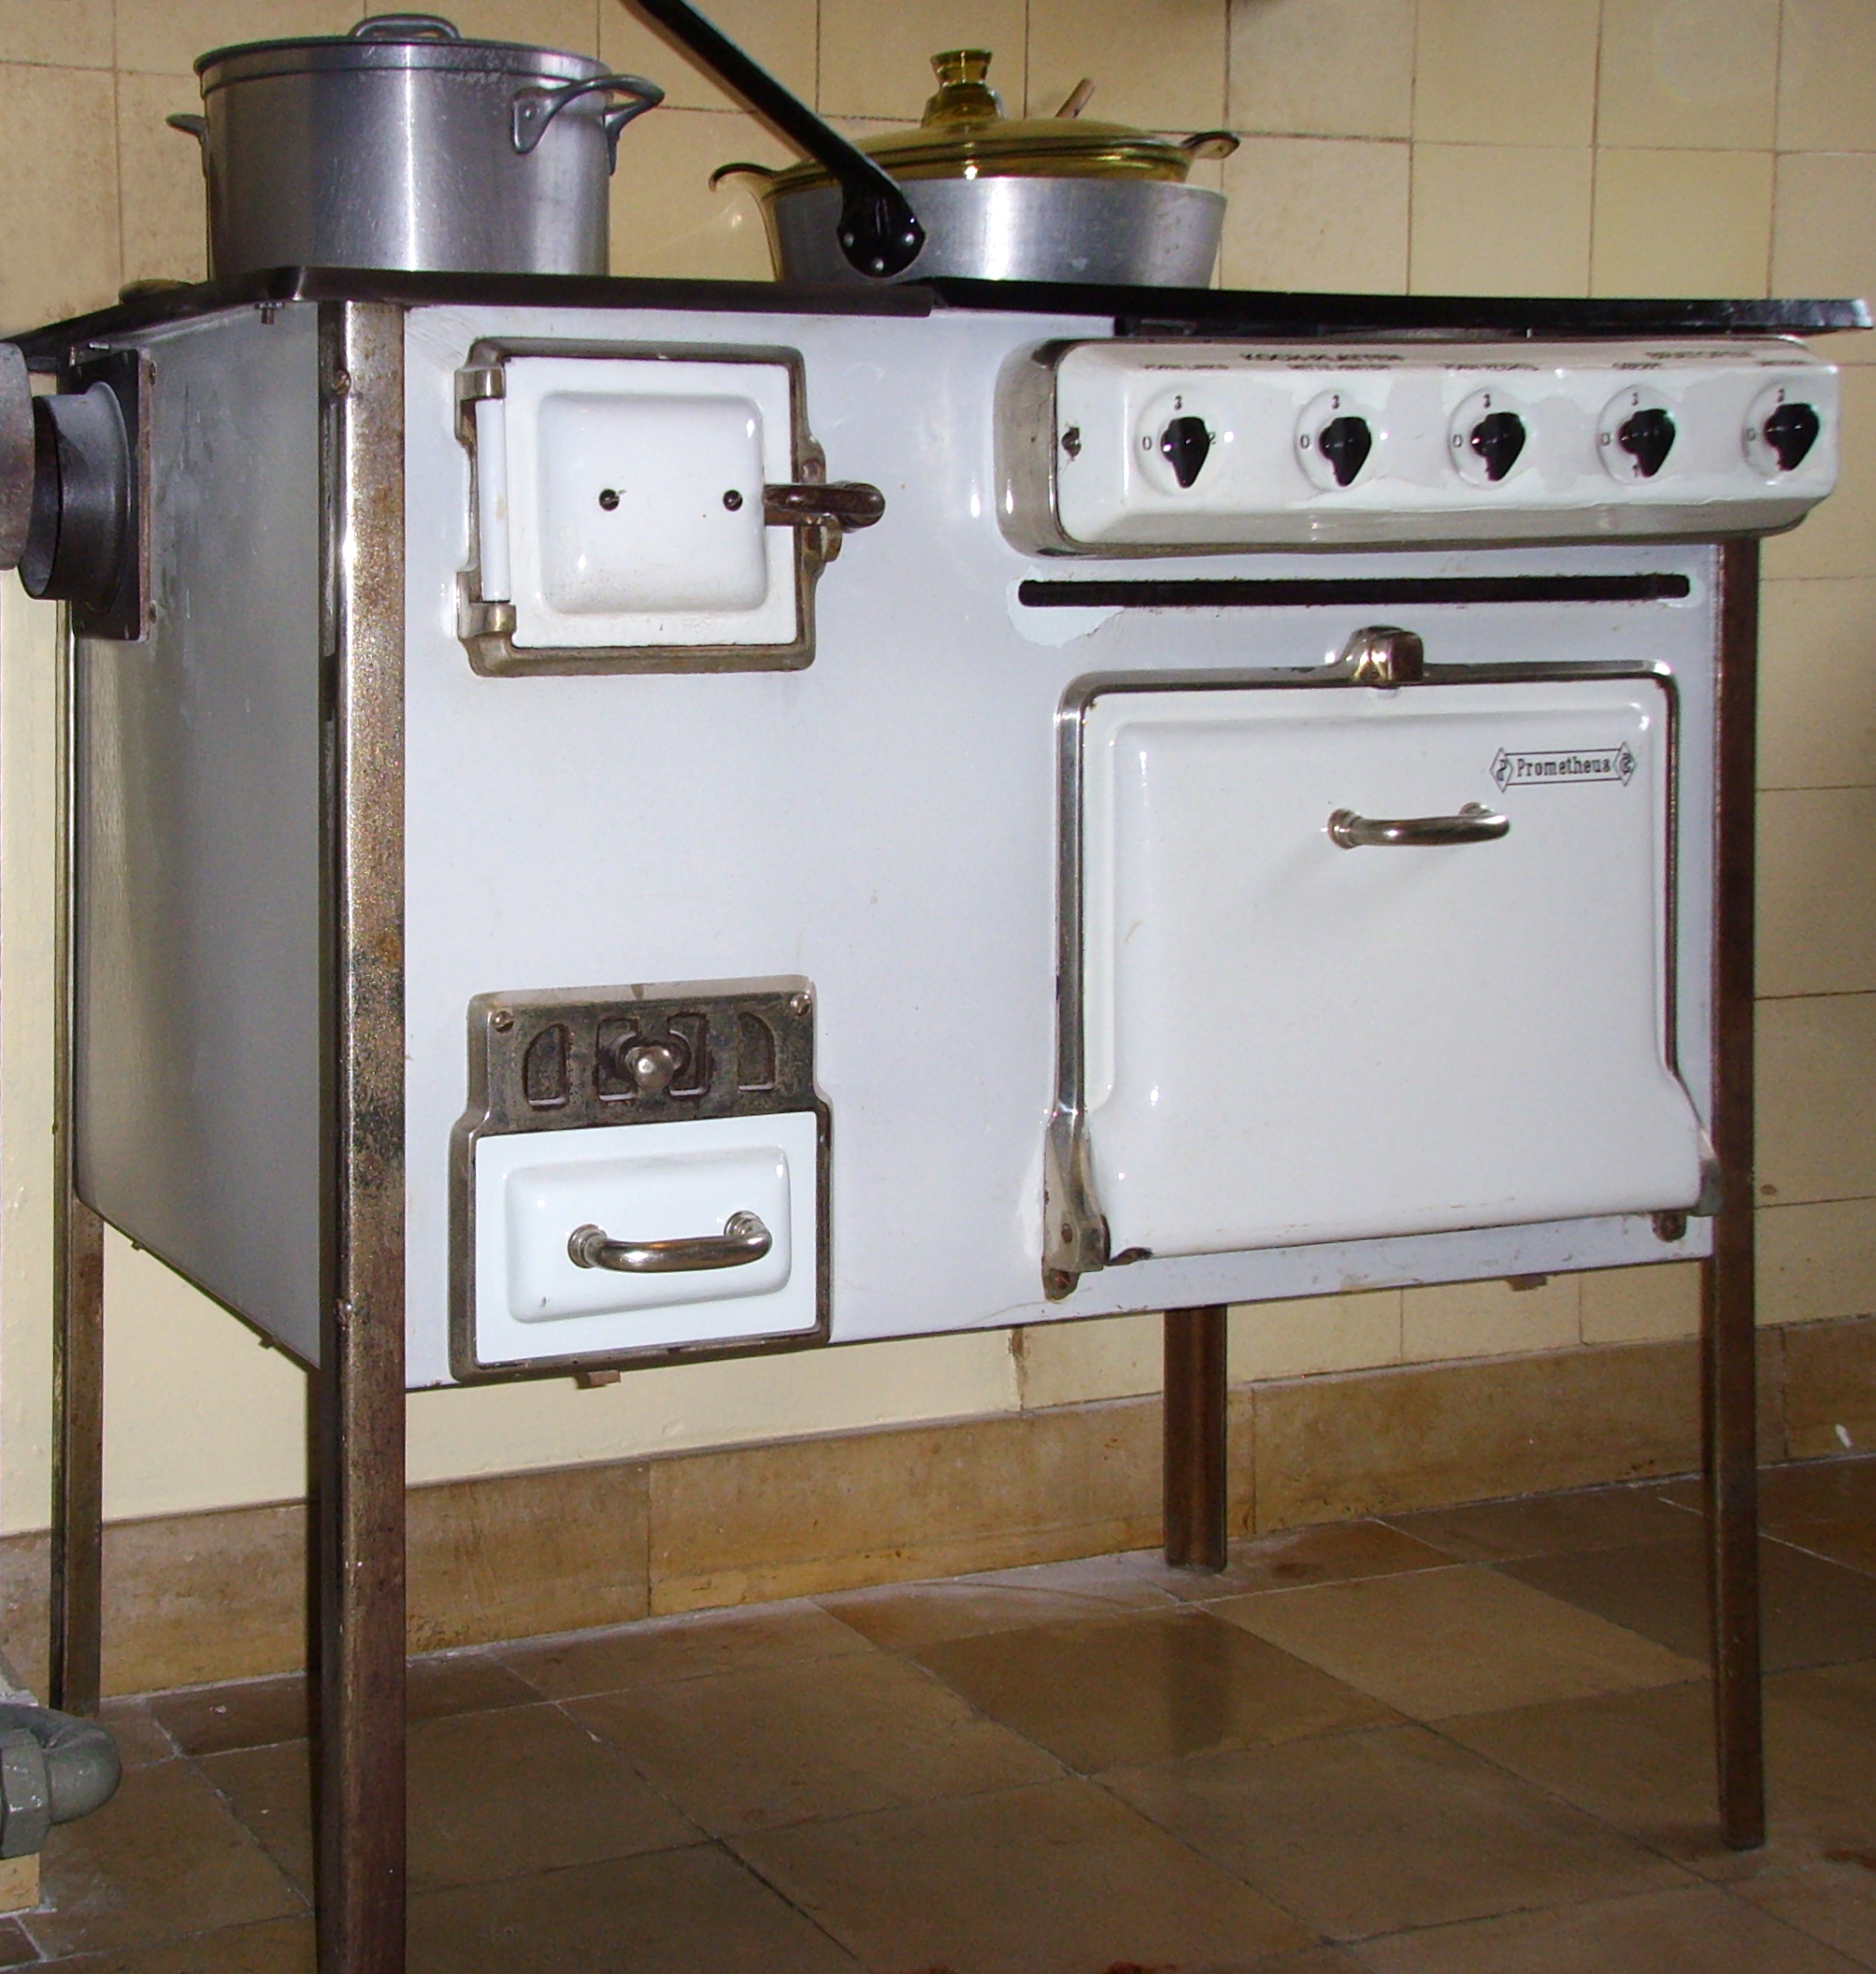 Schön Ich Suche Küche Zu Verschenken